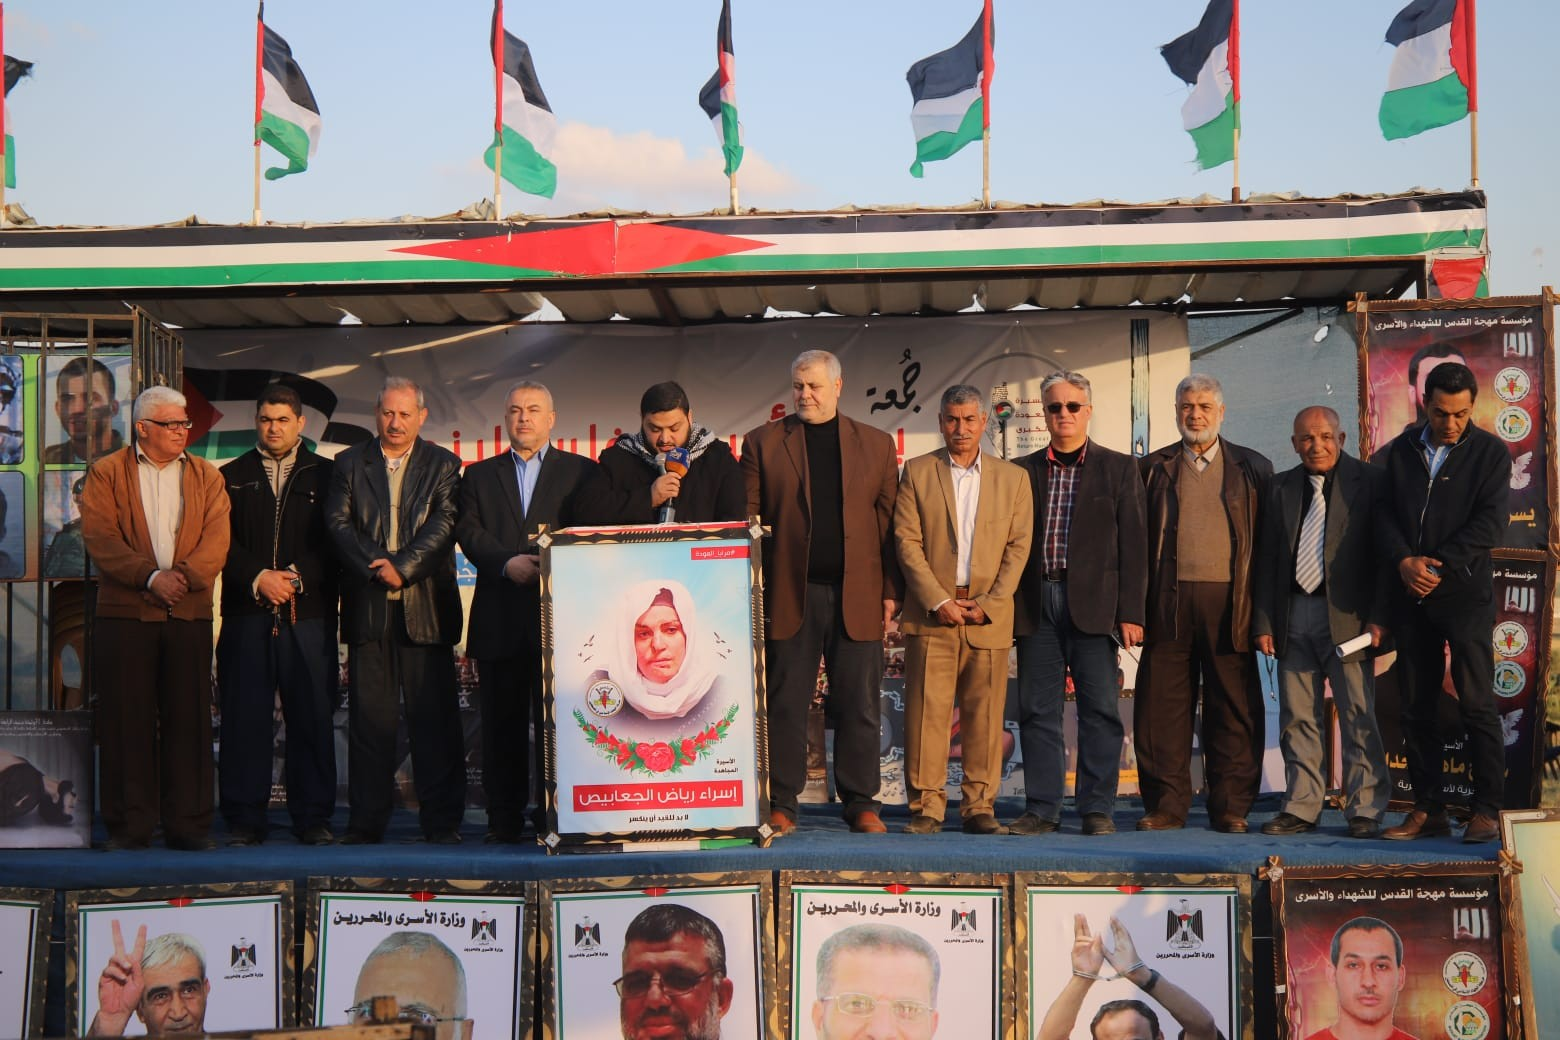 هيئة مسيرات العودة توجه رسالة تحذير للاحتلال وتعلن شعار الجمعة القادمة